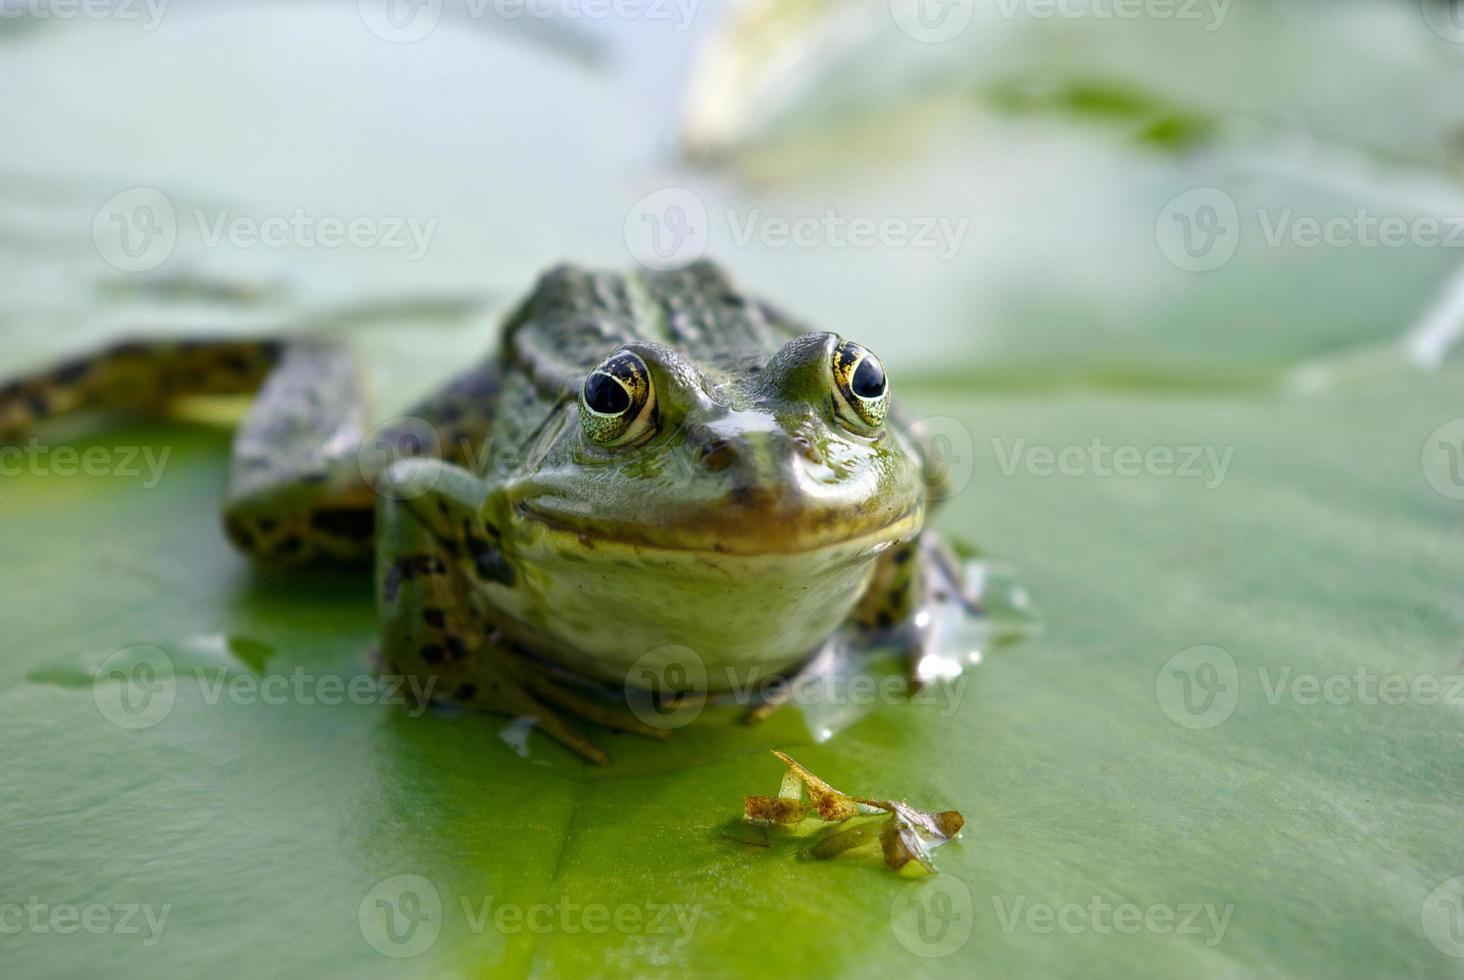 grande sapo verde sentado em uma folha de lírio verde foto